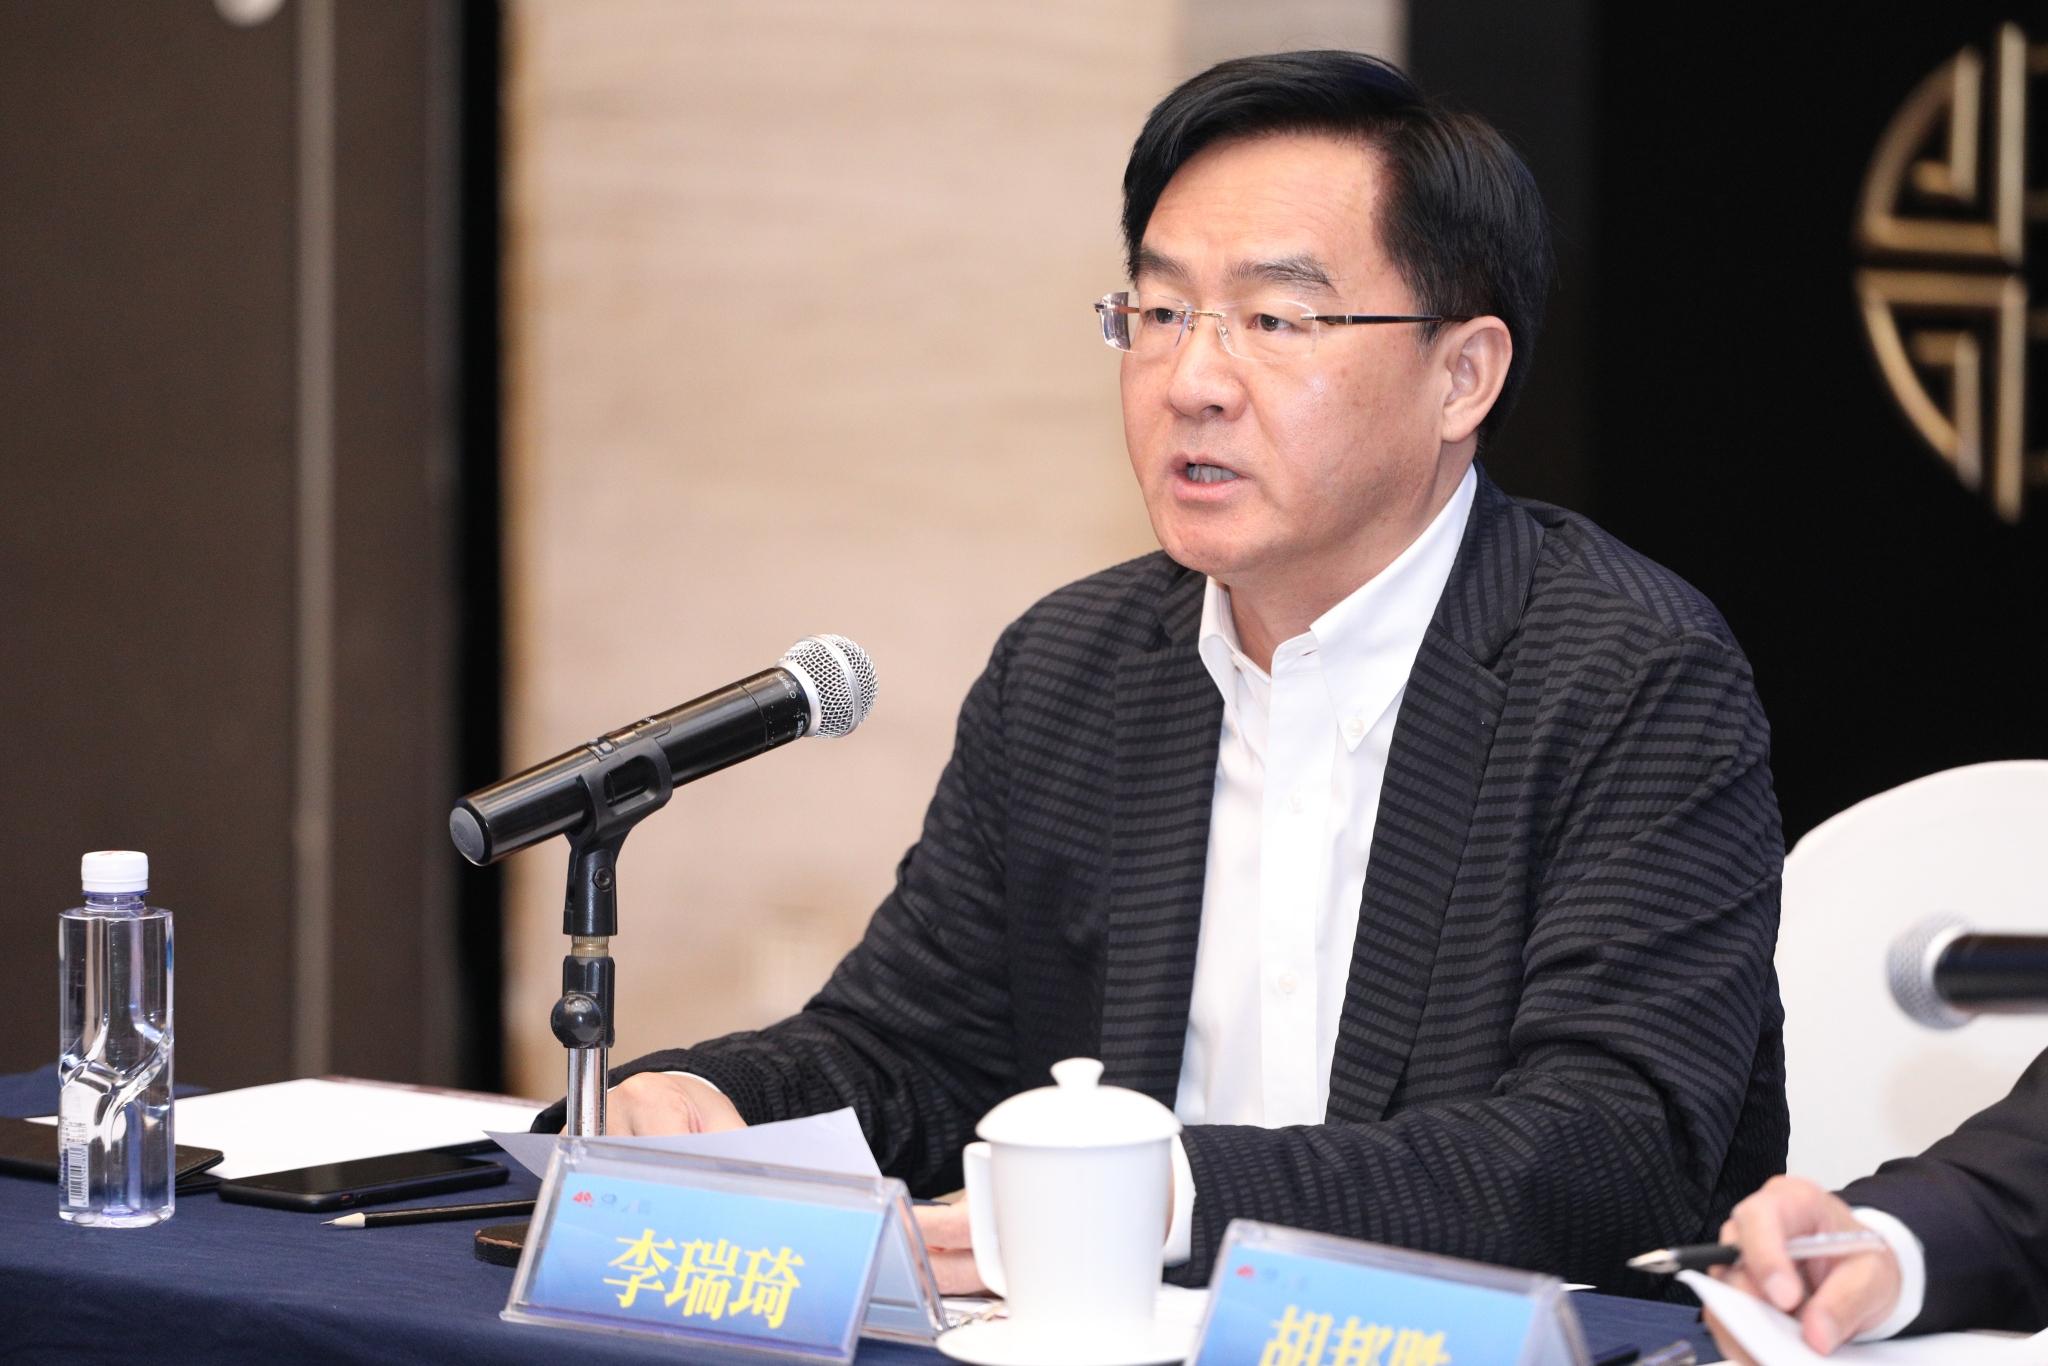 廣東省文聯副主席、深圳市文聯黨組書記、主席李瑞琦